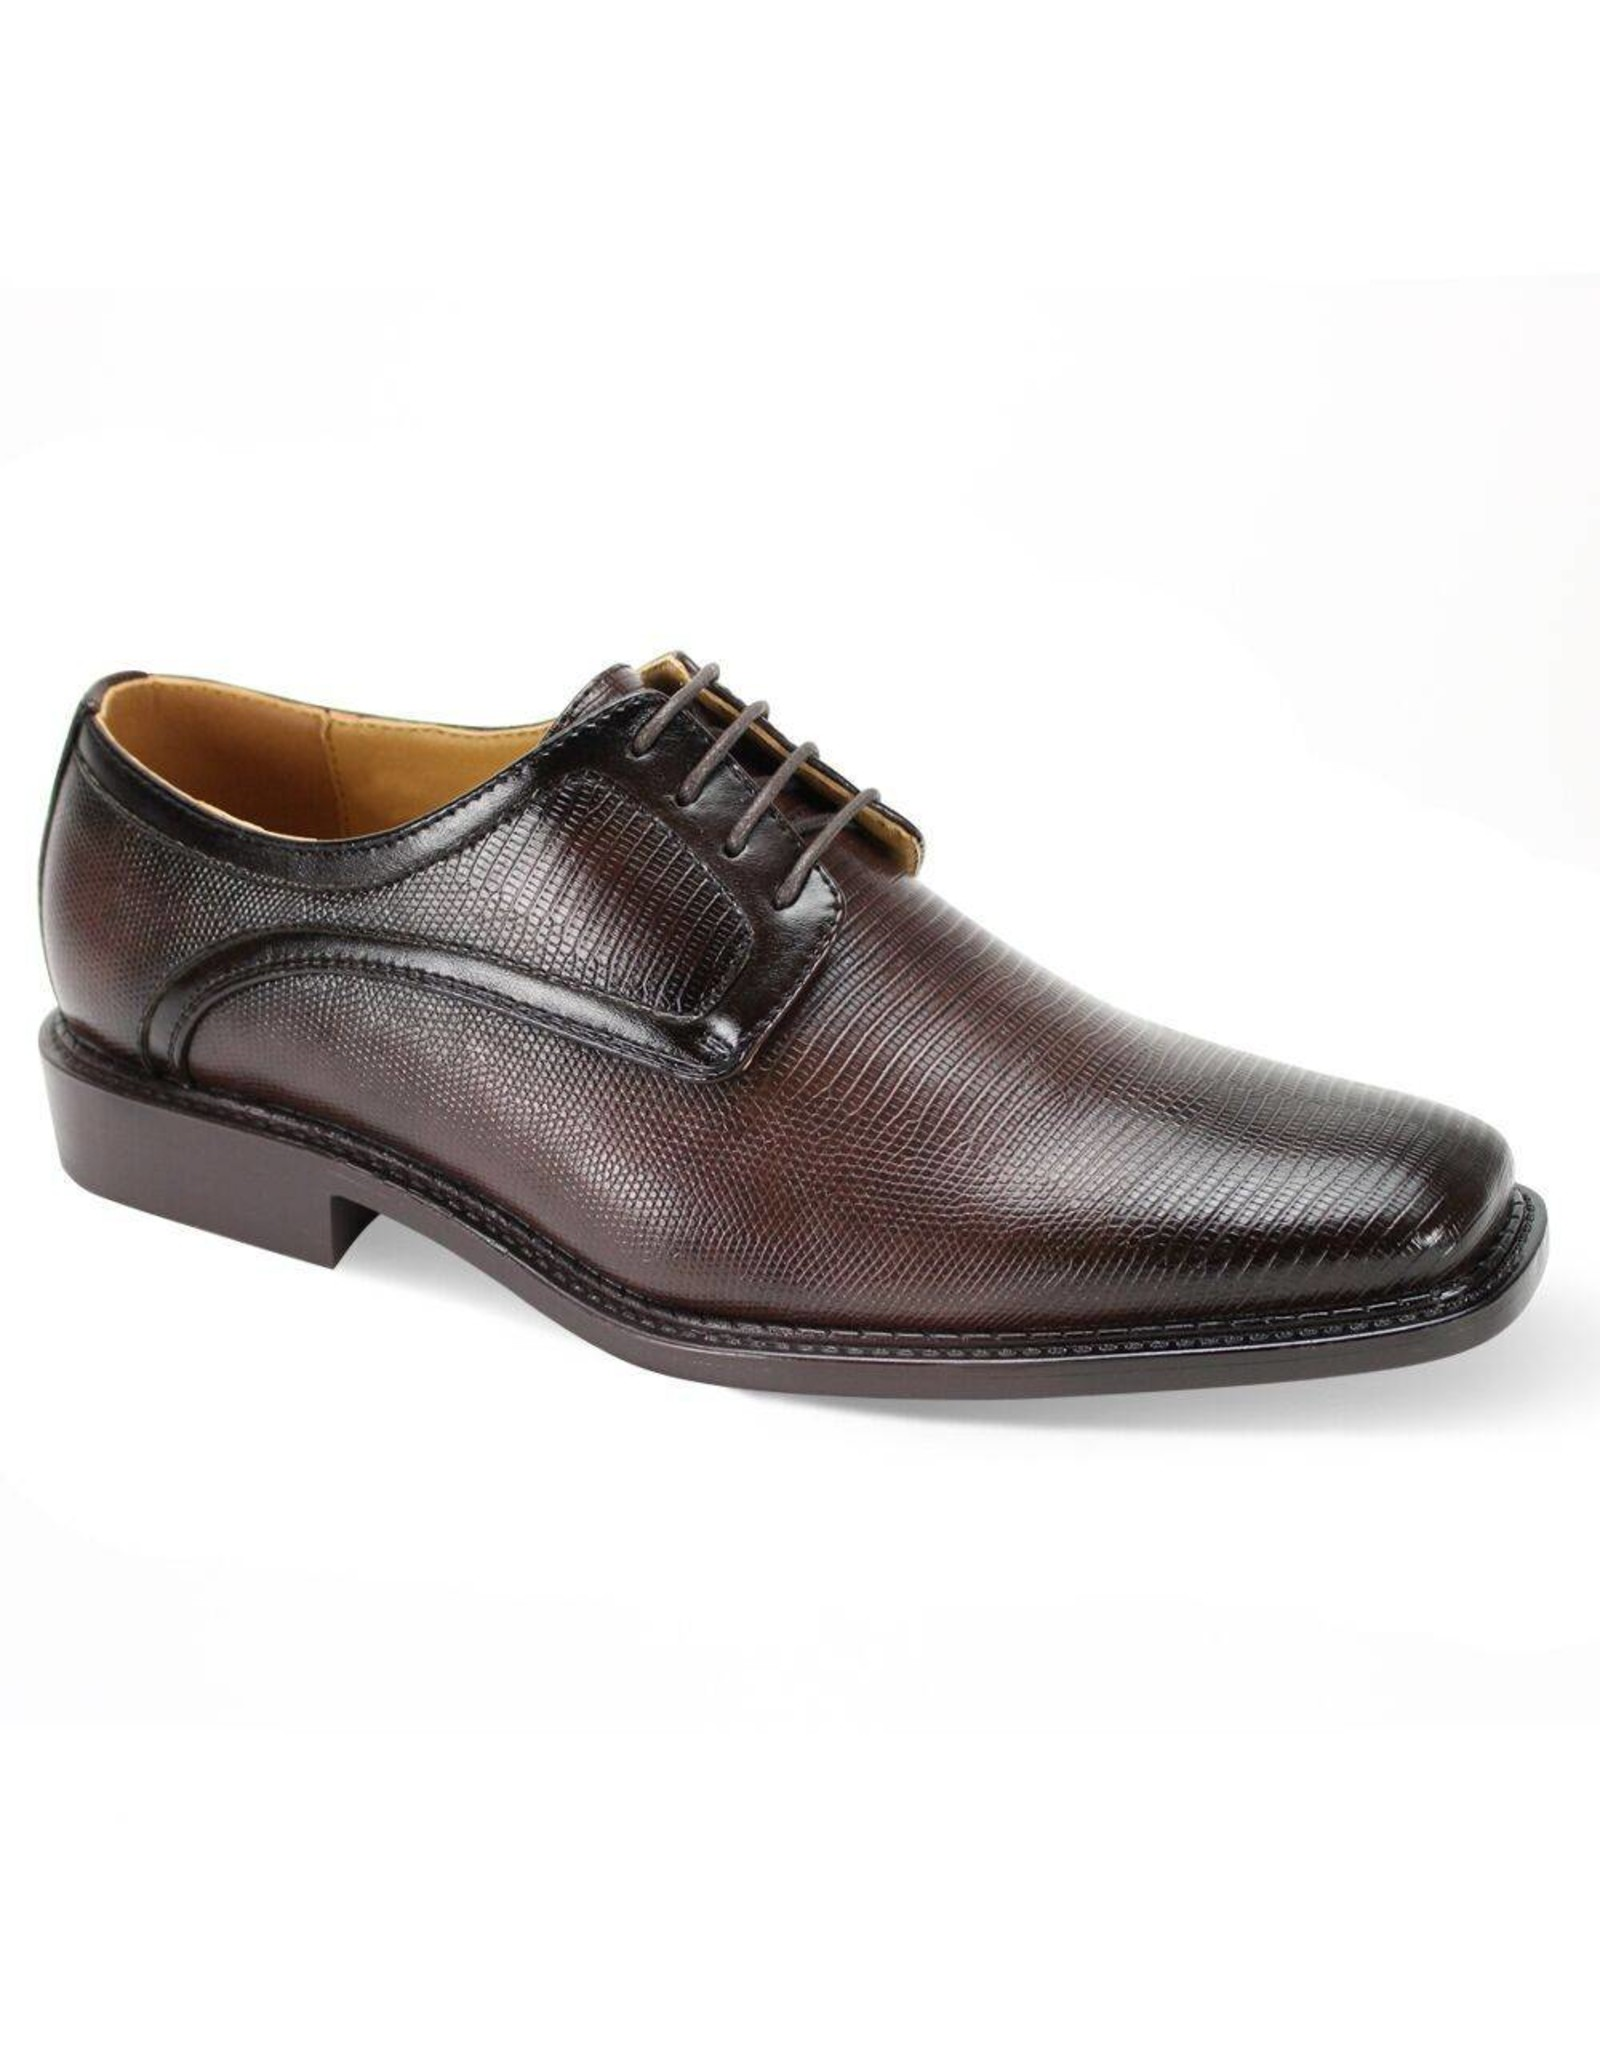 Antonio Cerrelli Antonio Cerrelli 6792 Wide Dress Shoe - Brown